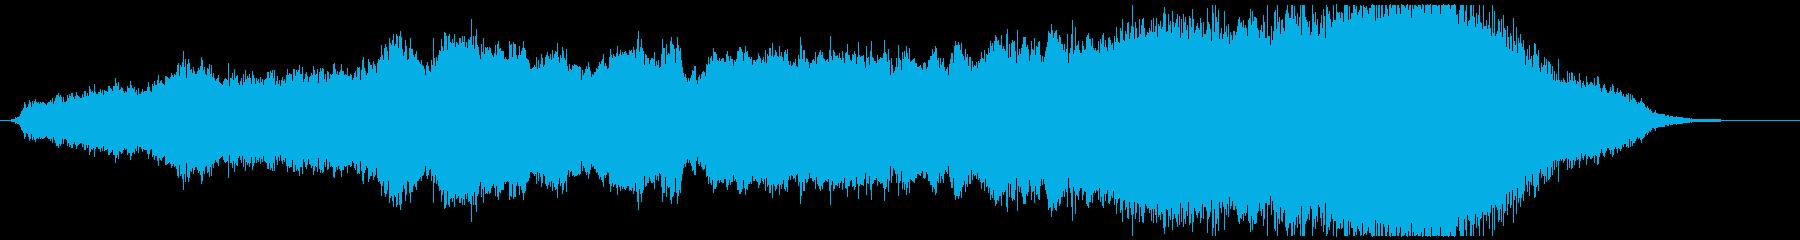 近未来・SF系のOP、序章っぽいBGMの再生済みの波形